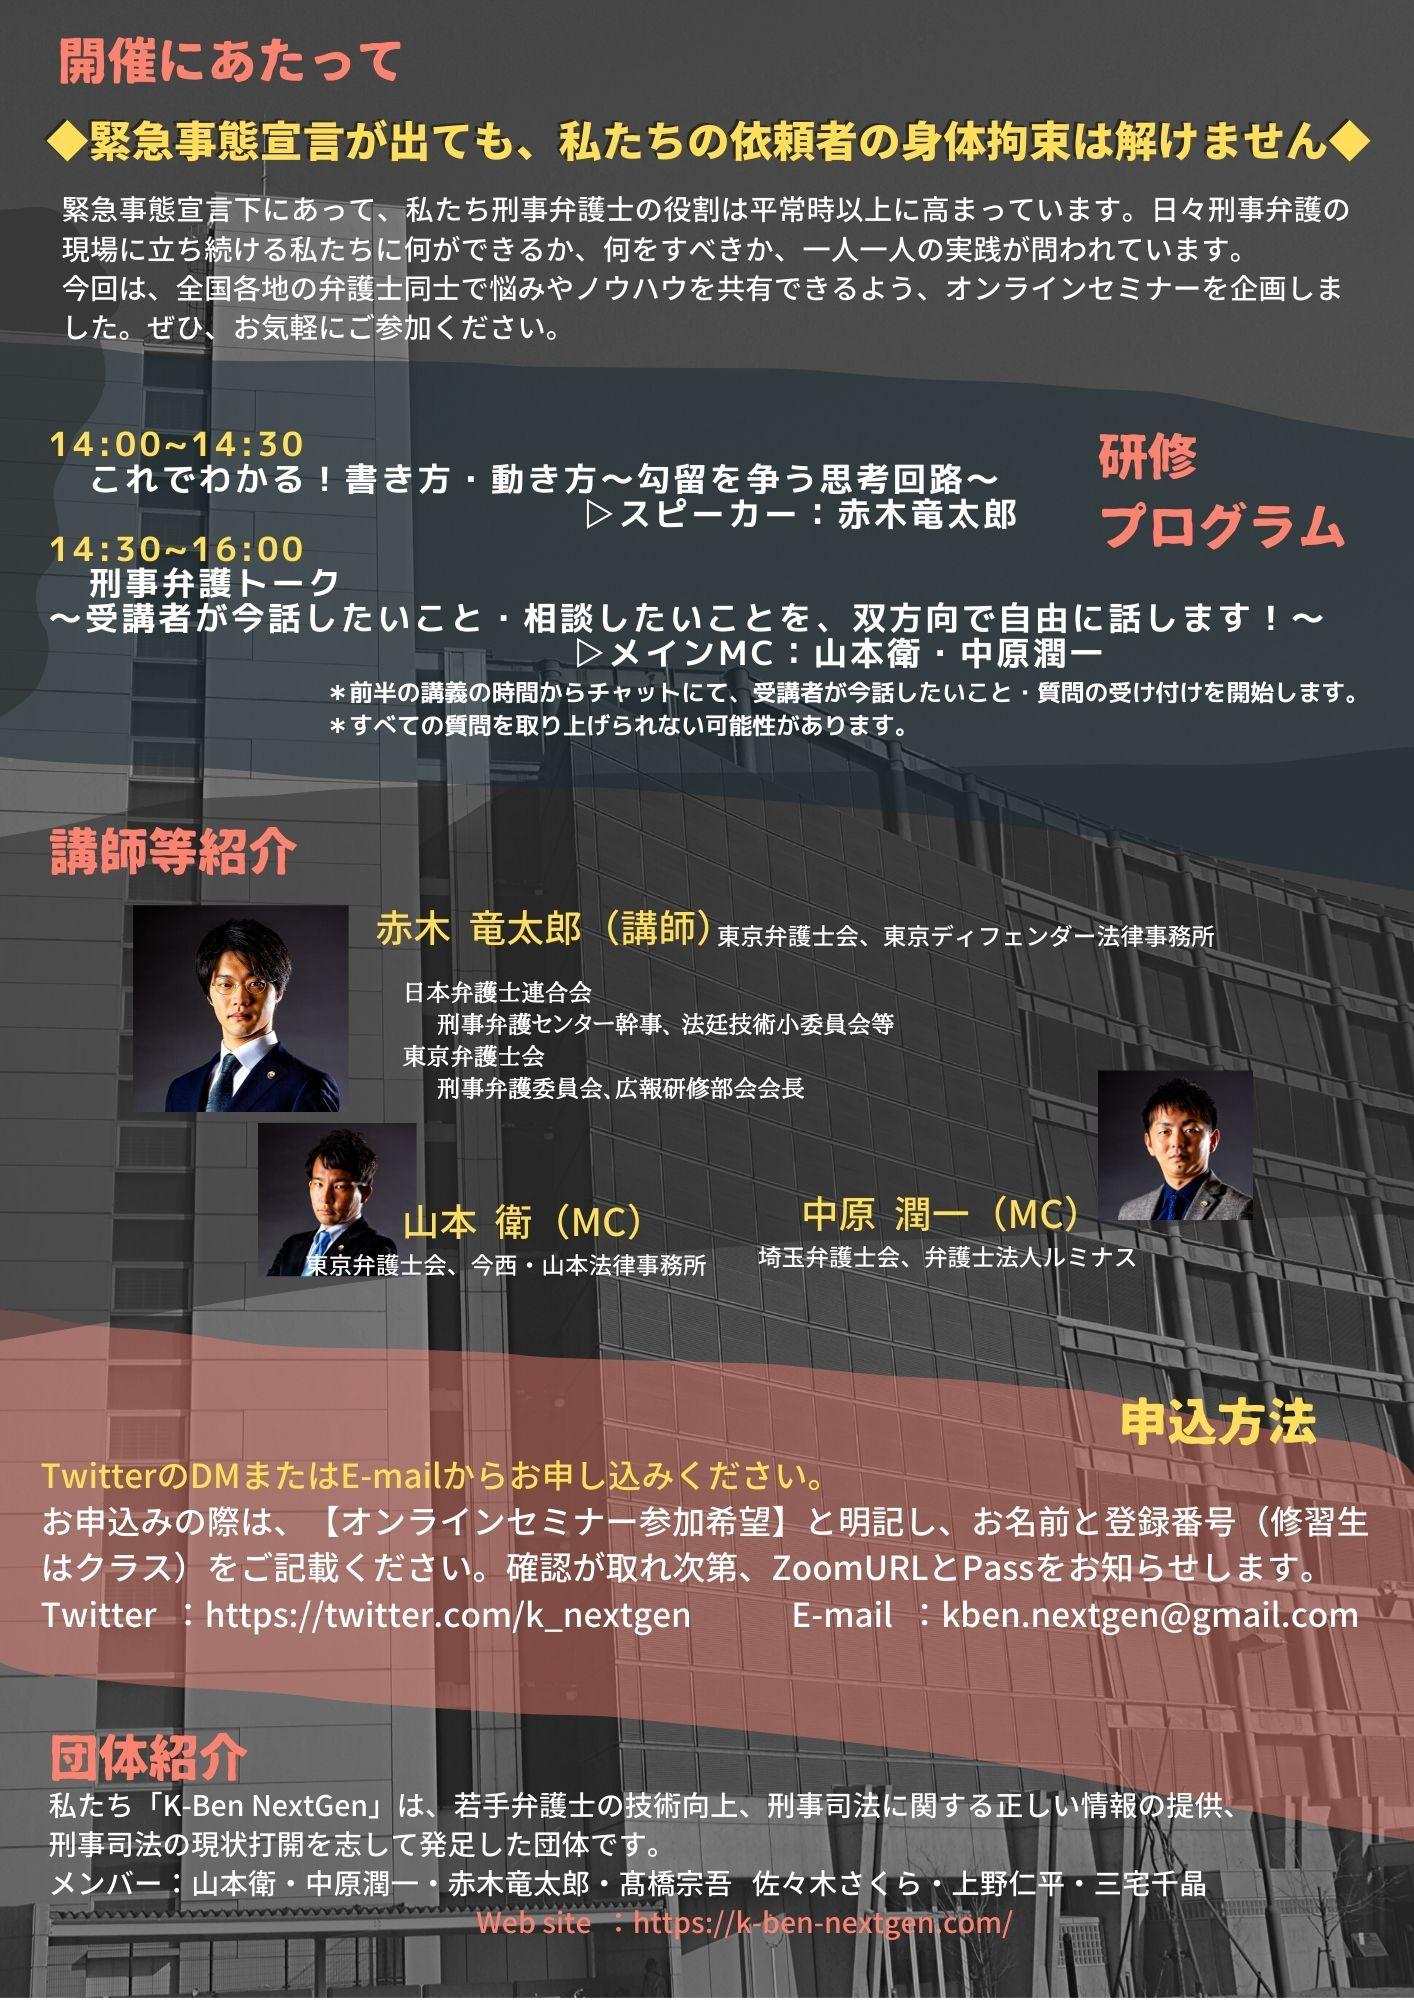 4月29日オンラインセミナー開催